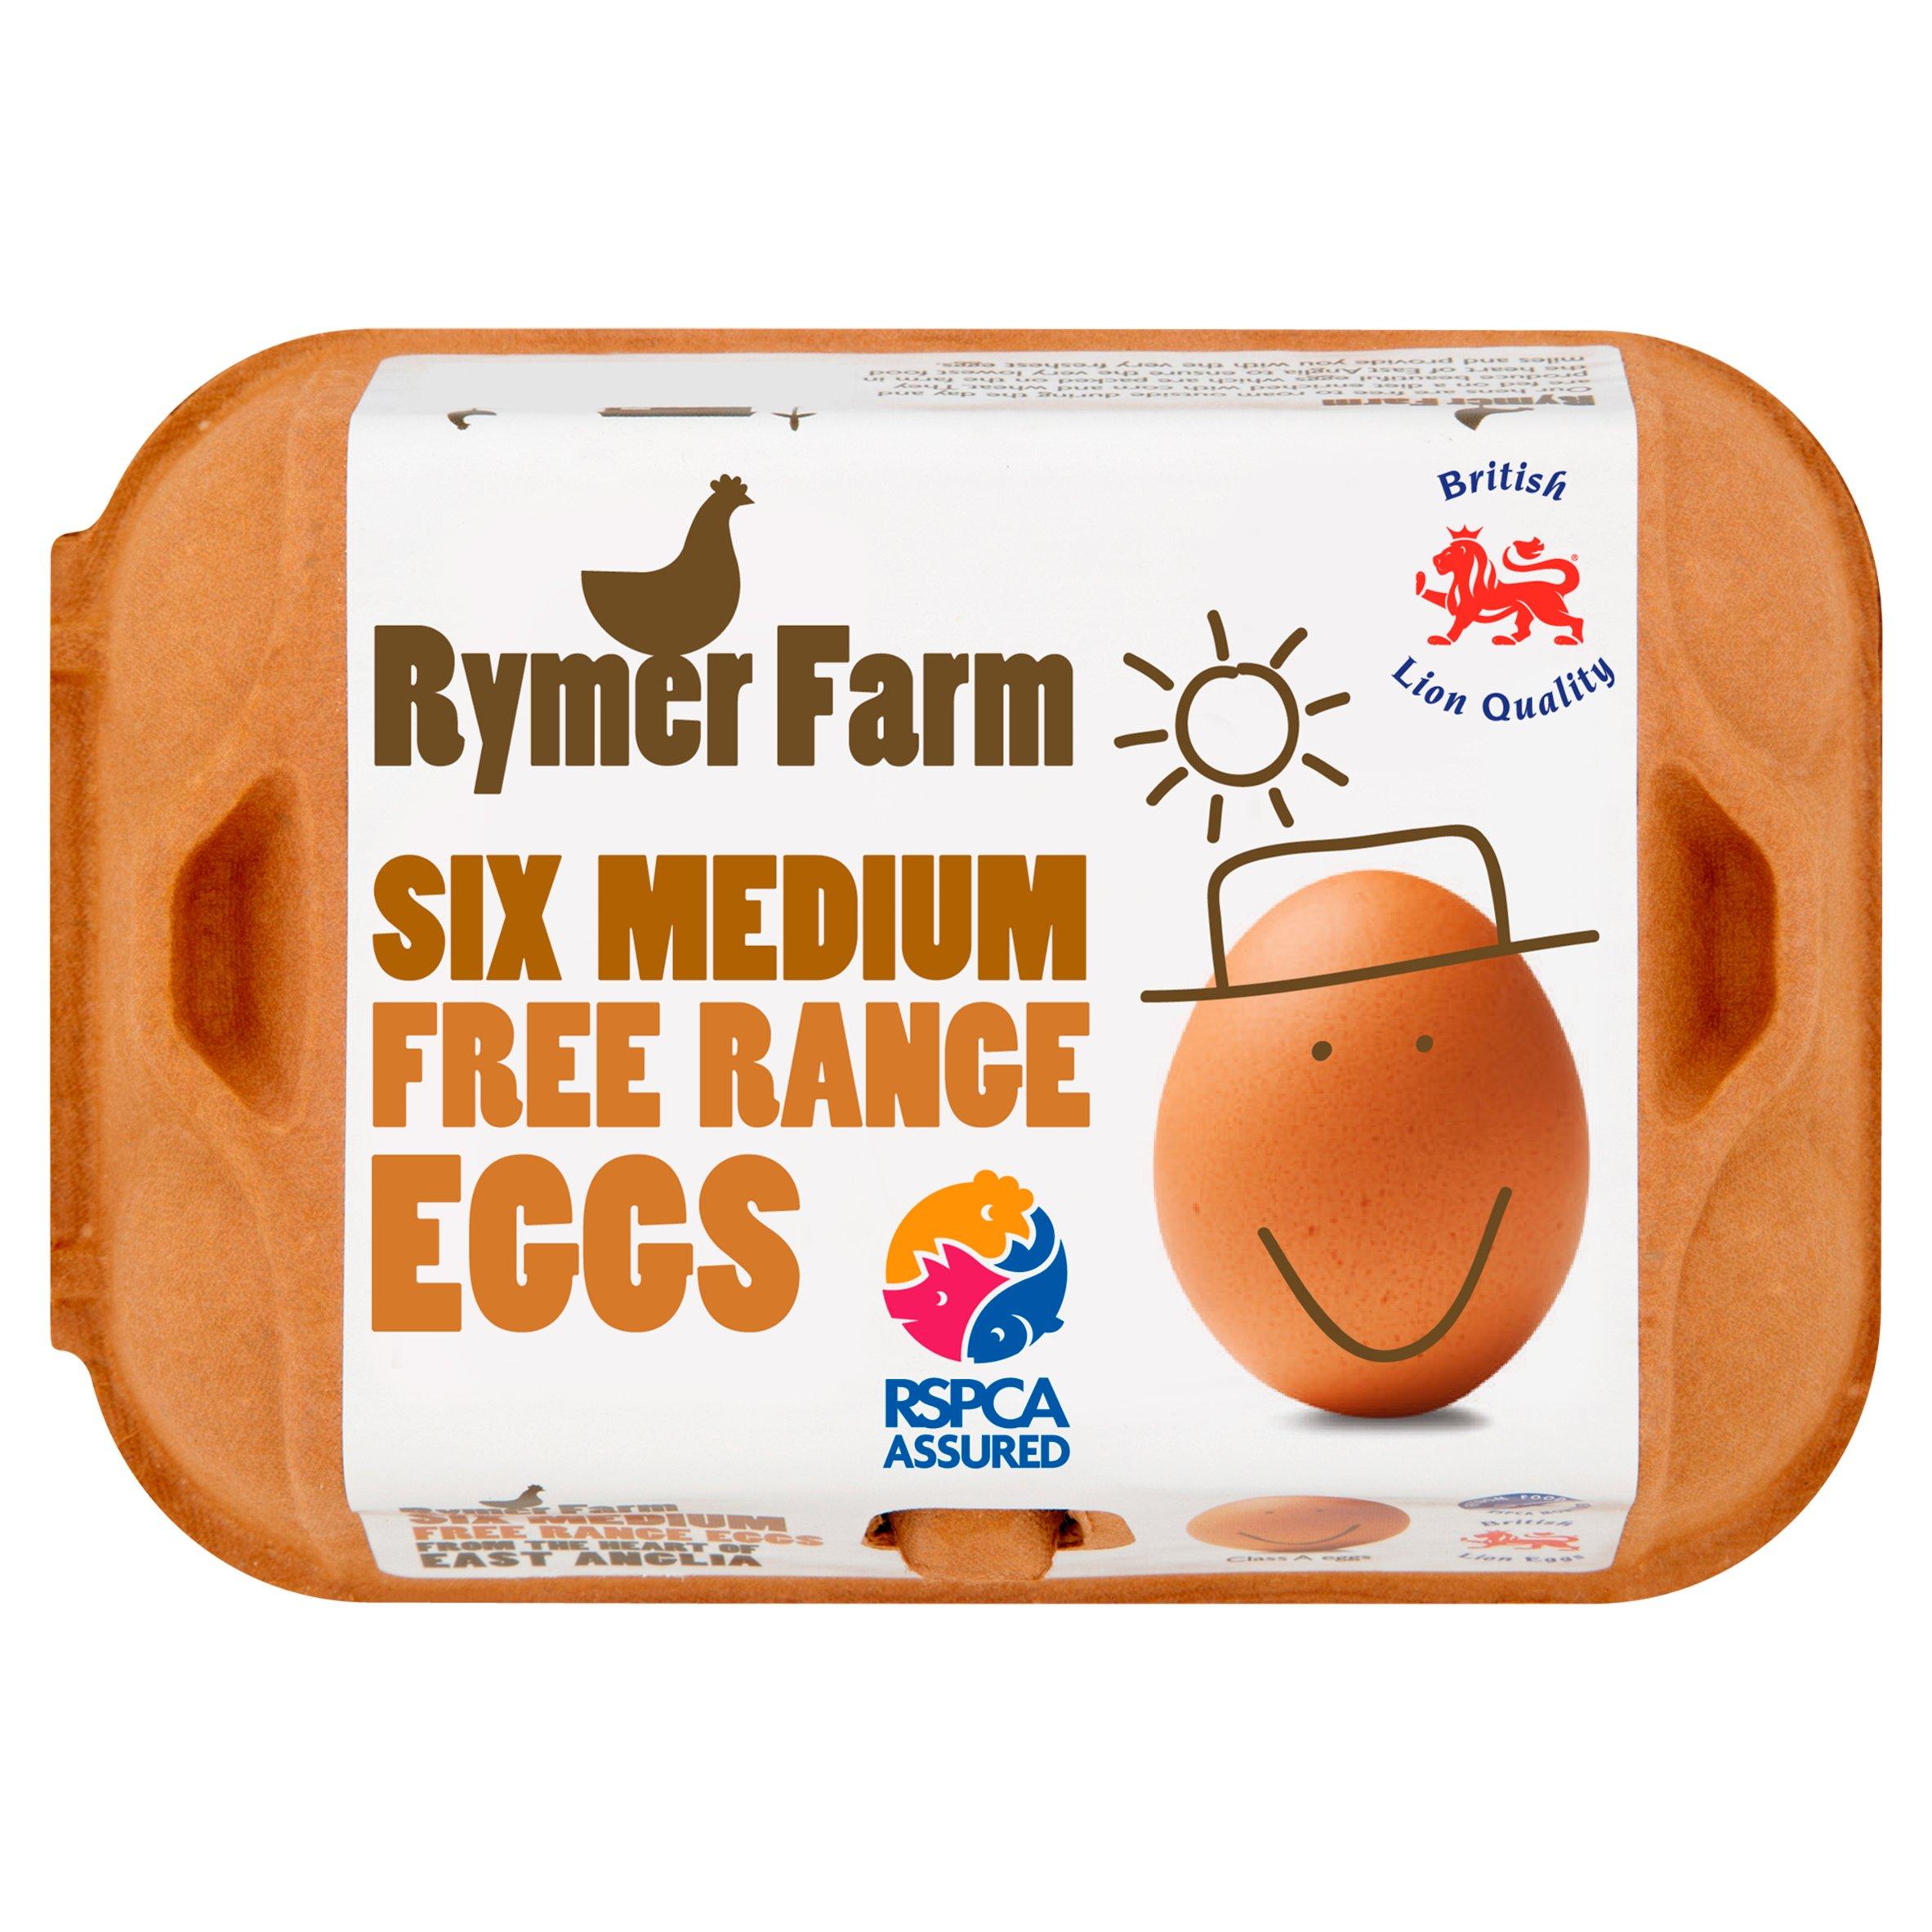 Rymer Farm Eggs Medium Free Range 6 Eggs